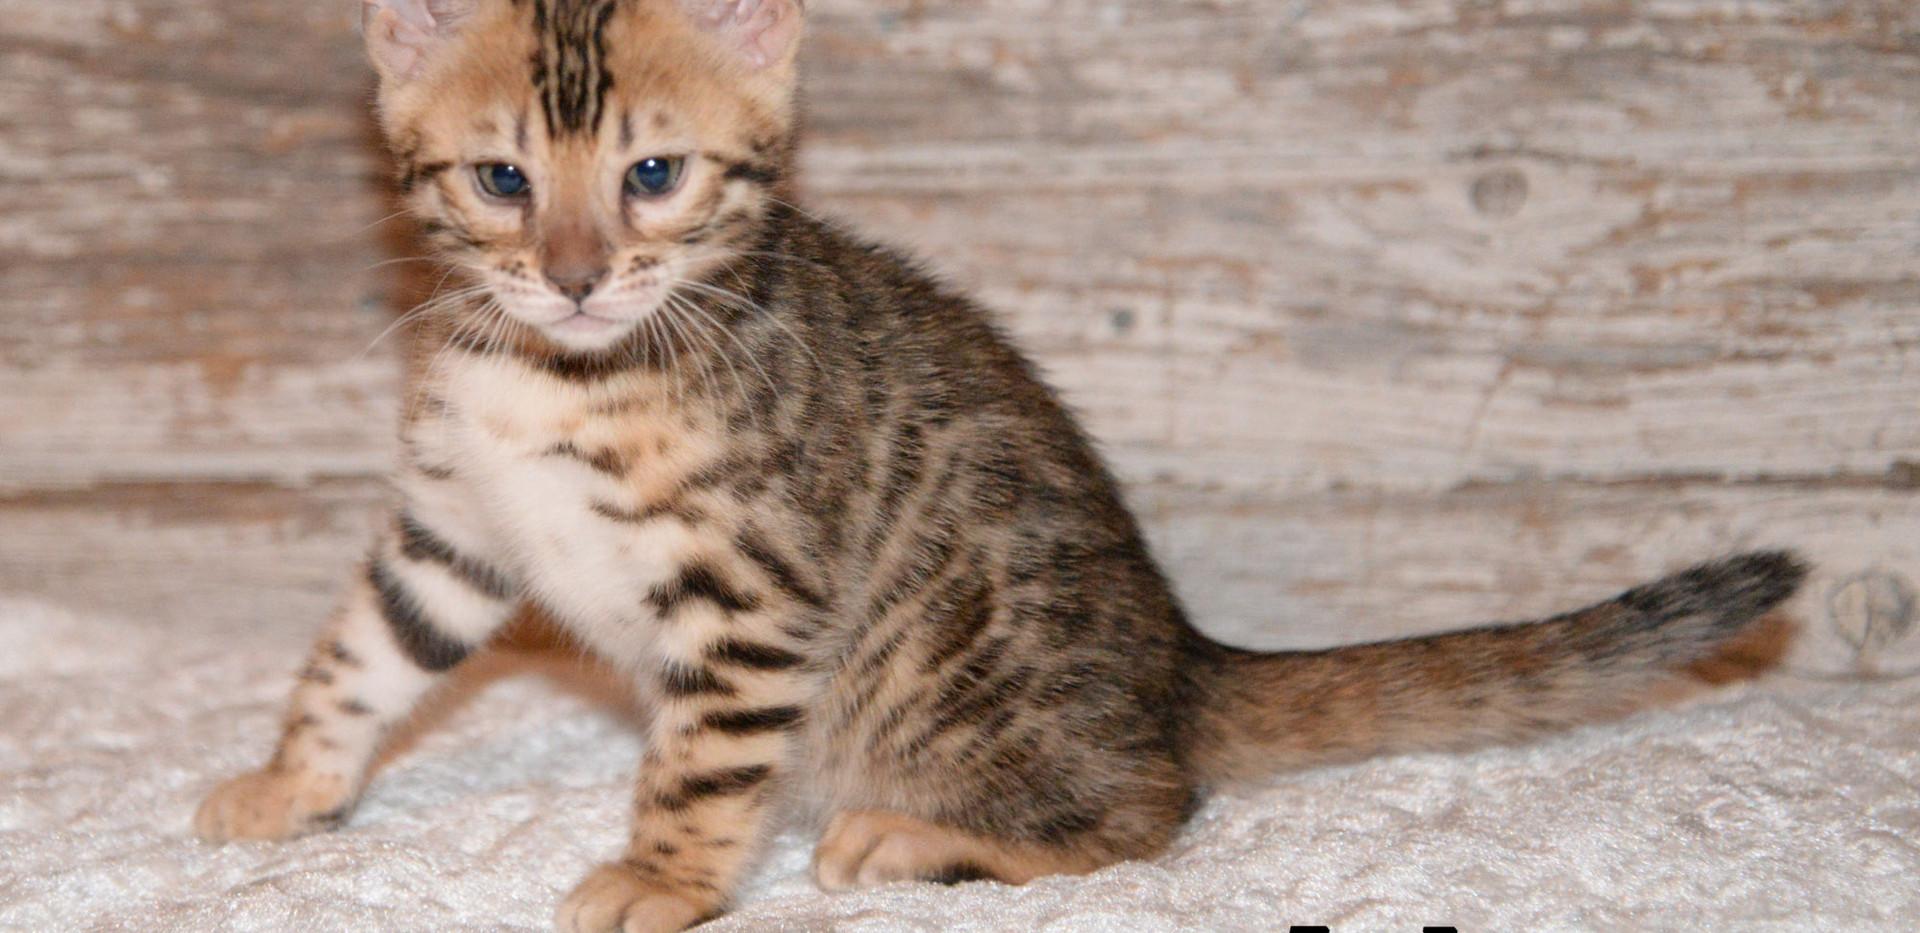 Brown Rosetted Female Bengal Kitten